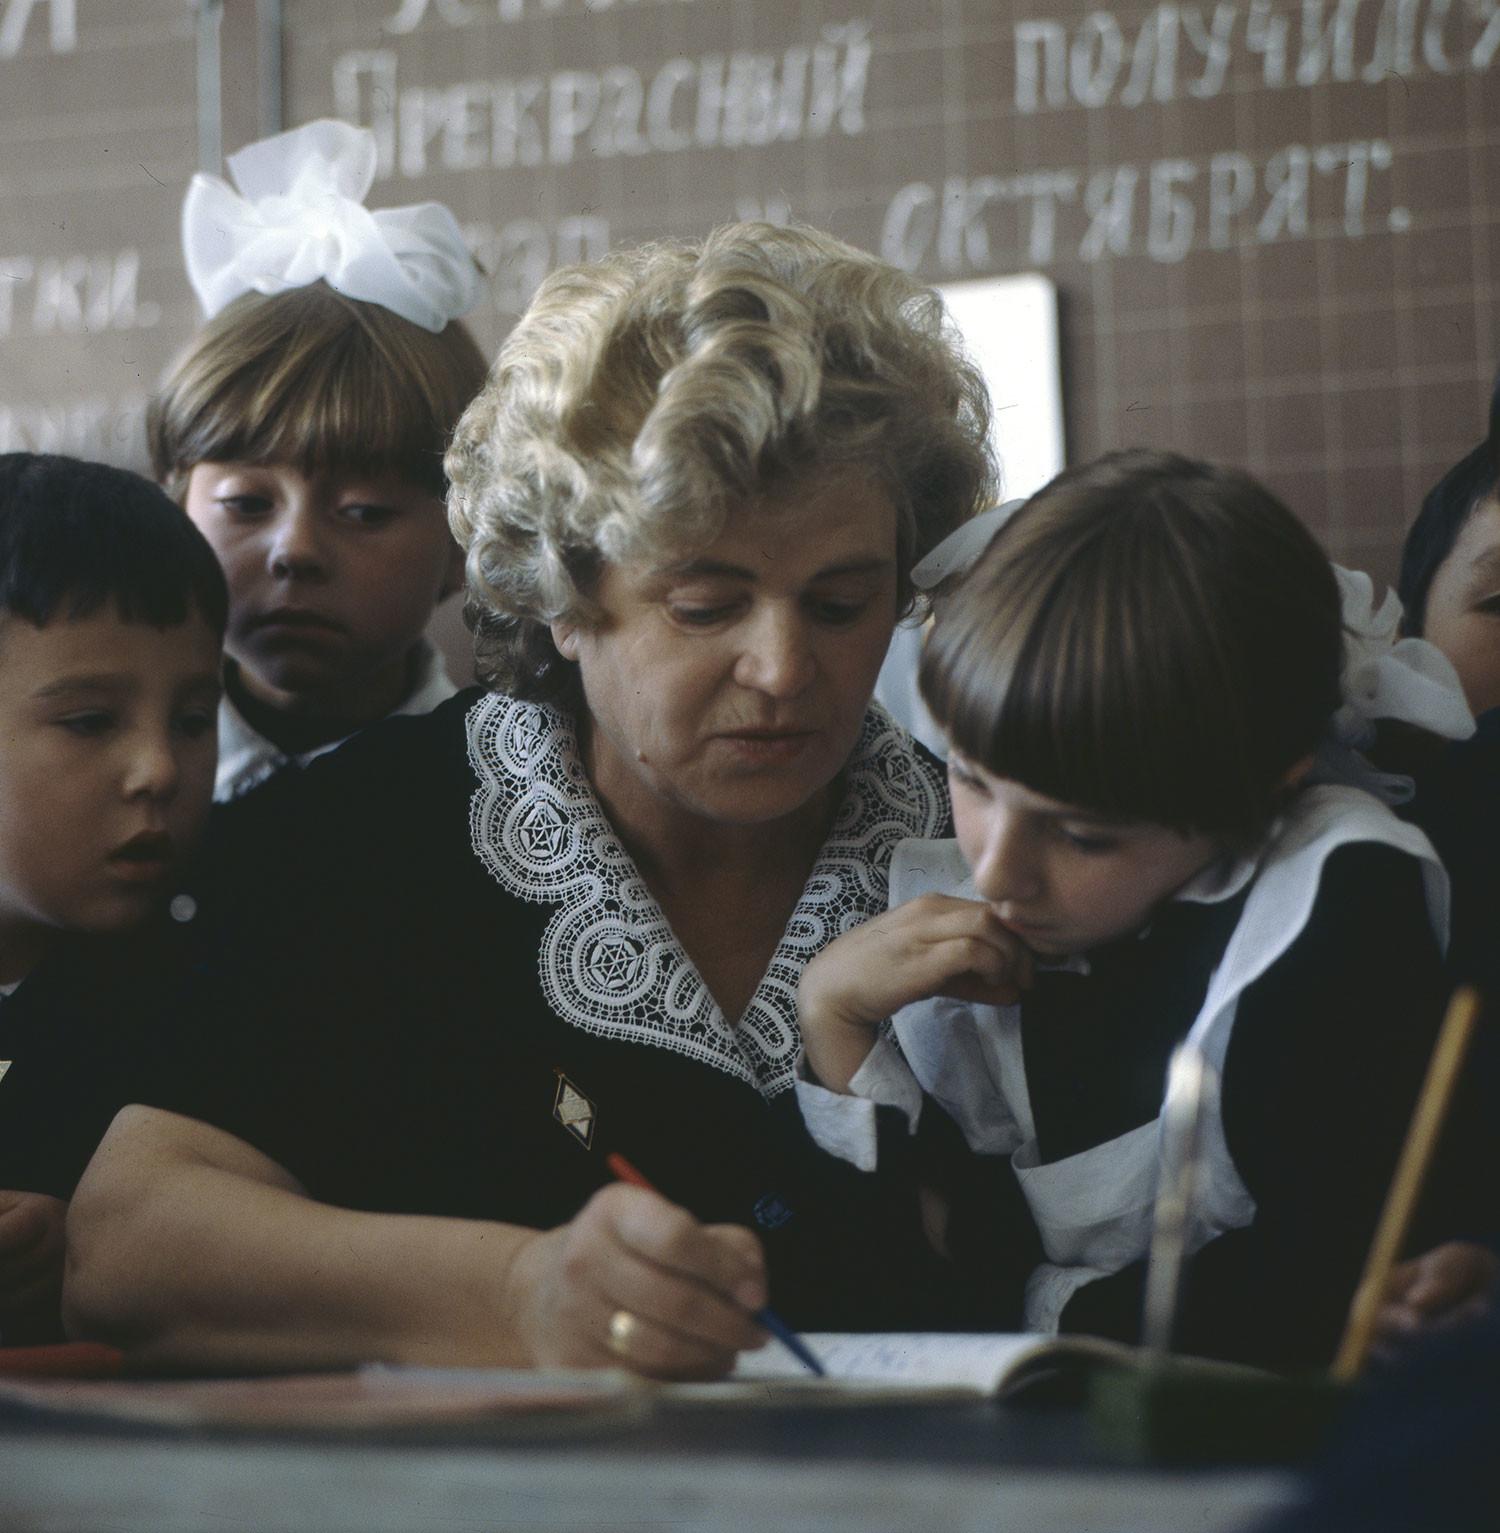 Фото © РИА Новости/И. Зотин